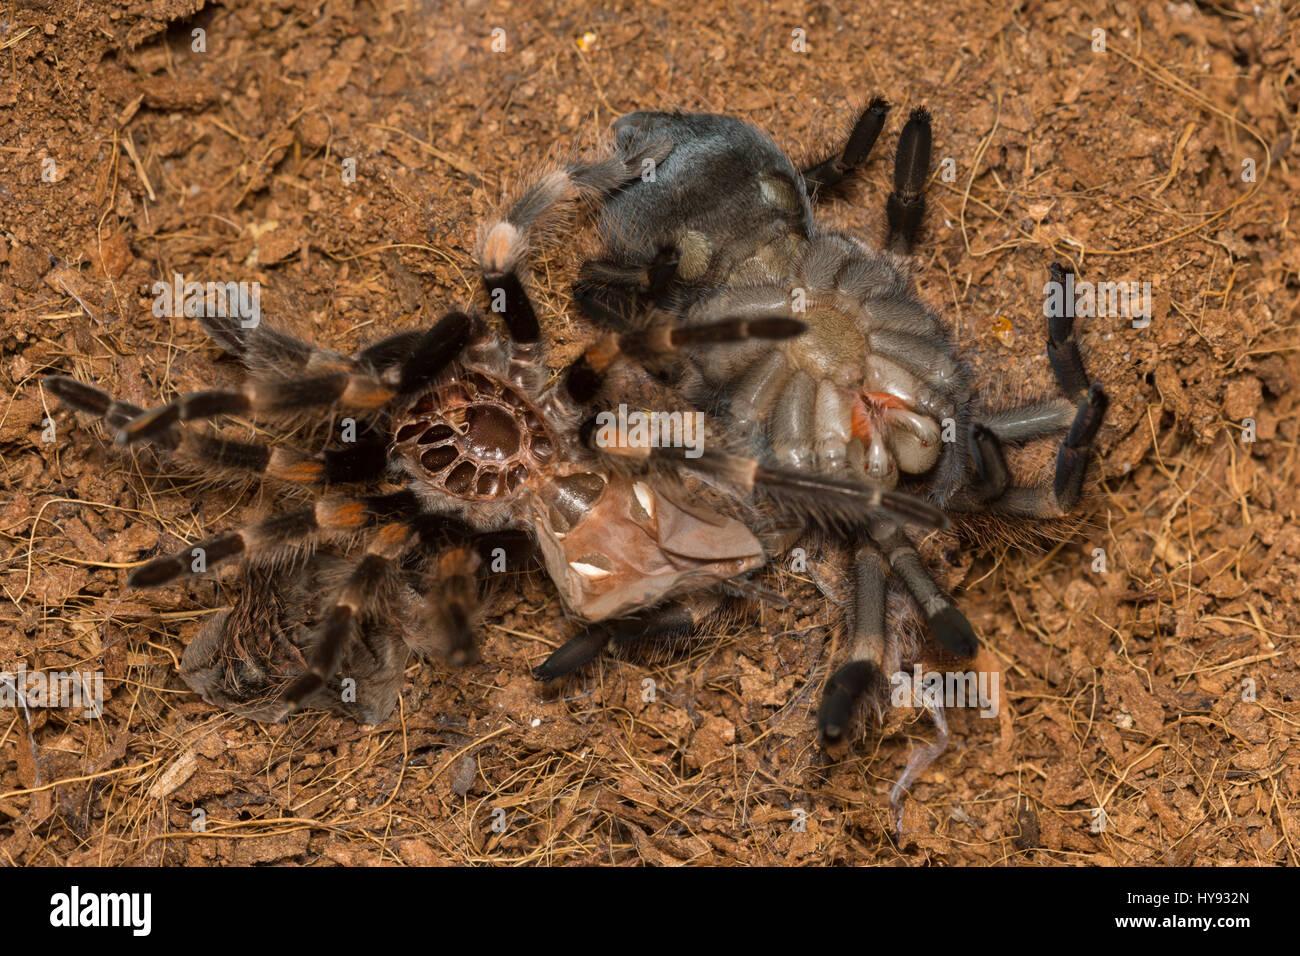 Mexican Redknee Tarantula Shedding Its Skin Brachypelma Smithi